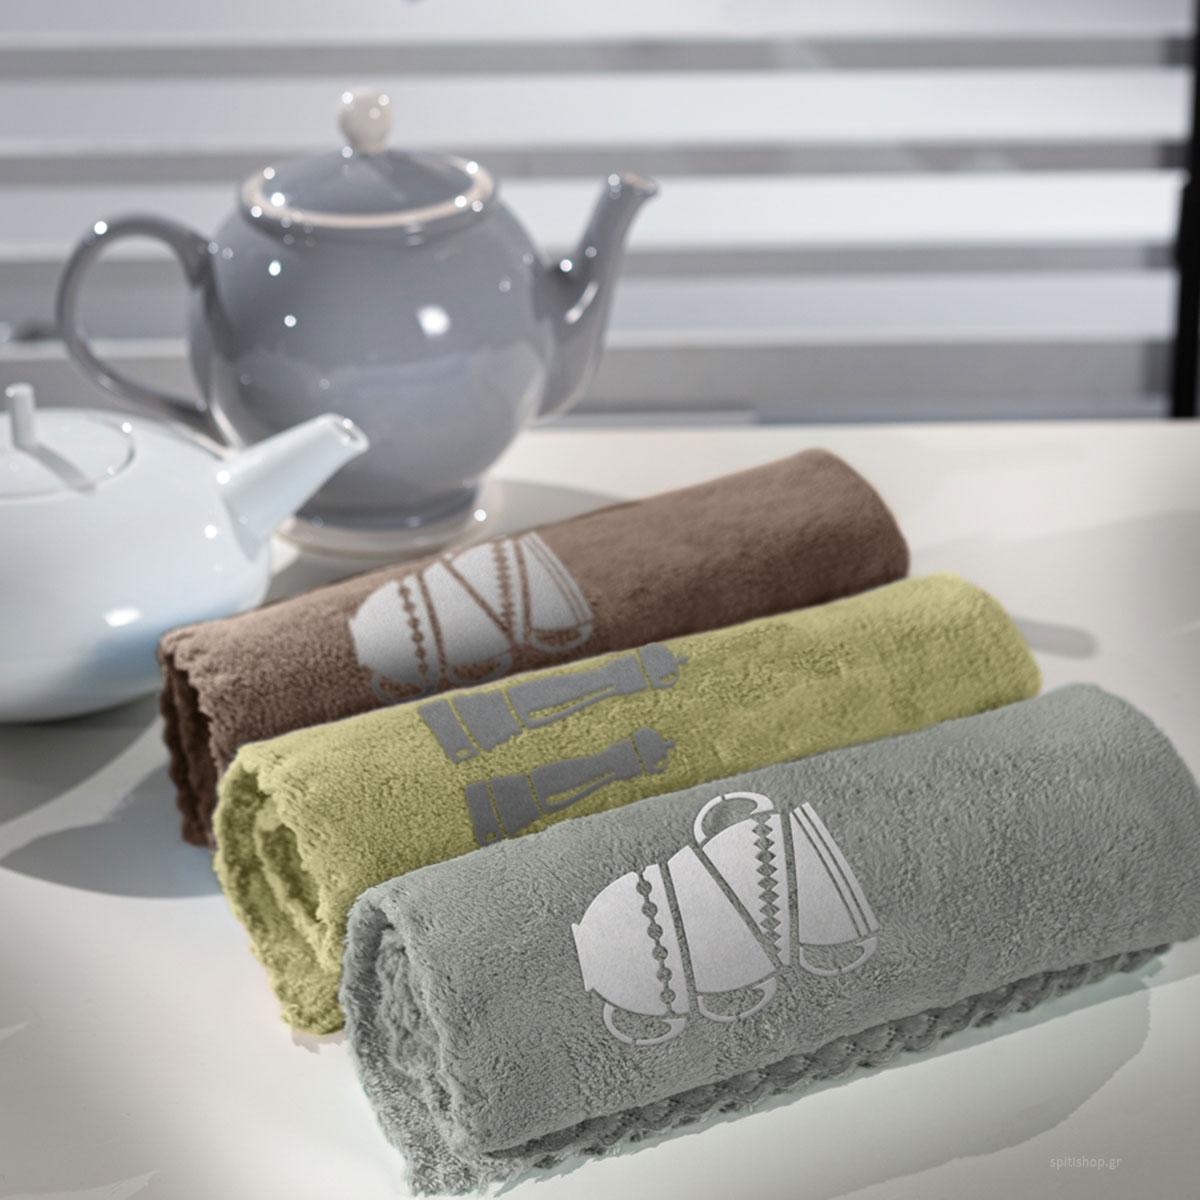 Πετσέτες Κουζίνας (Σετ 2τμχ) Guy Laroche Gourmet Set 5